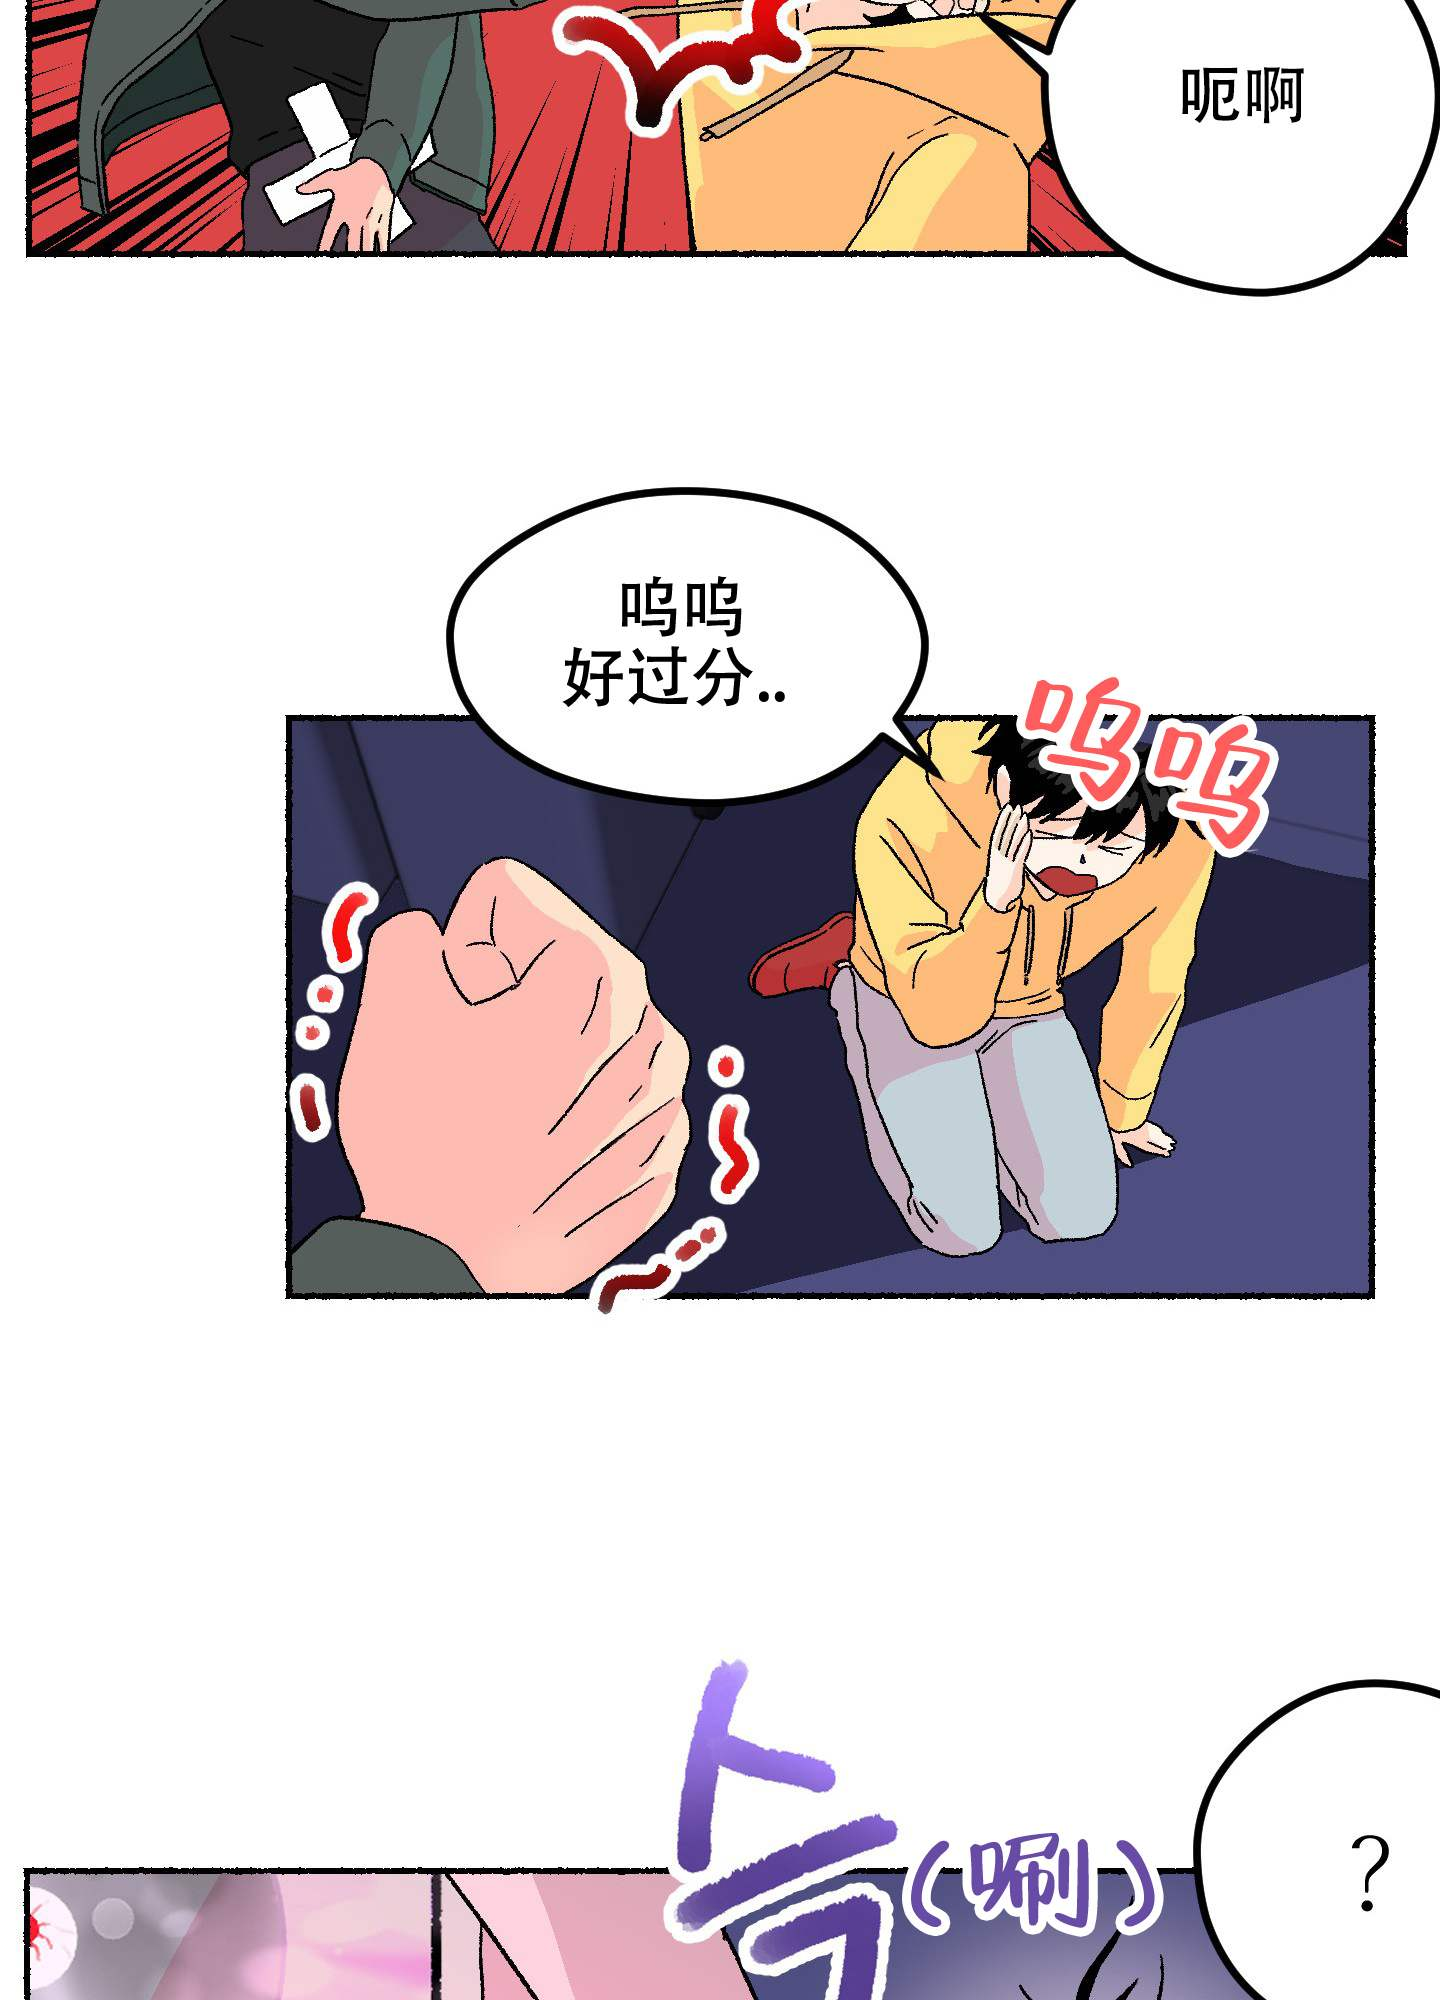 韩漫 |《狡猾的鲁鲁》  恶魔与人类,一饿就开do!  第24张